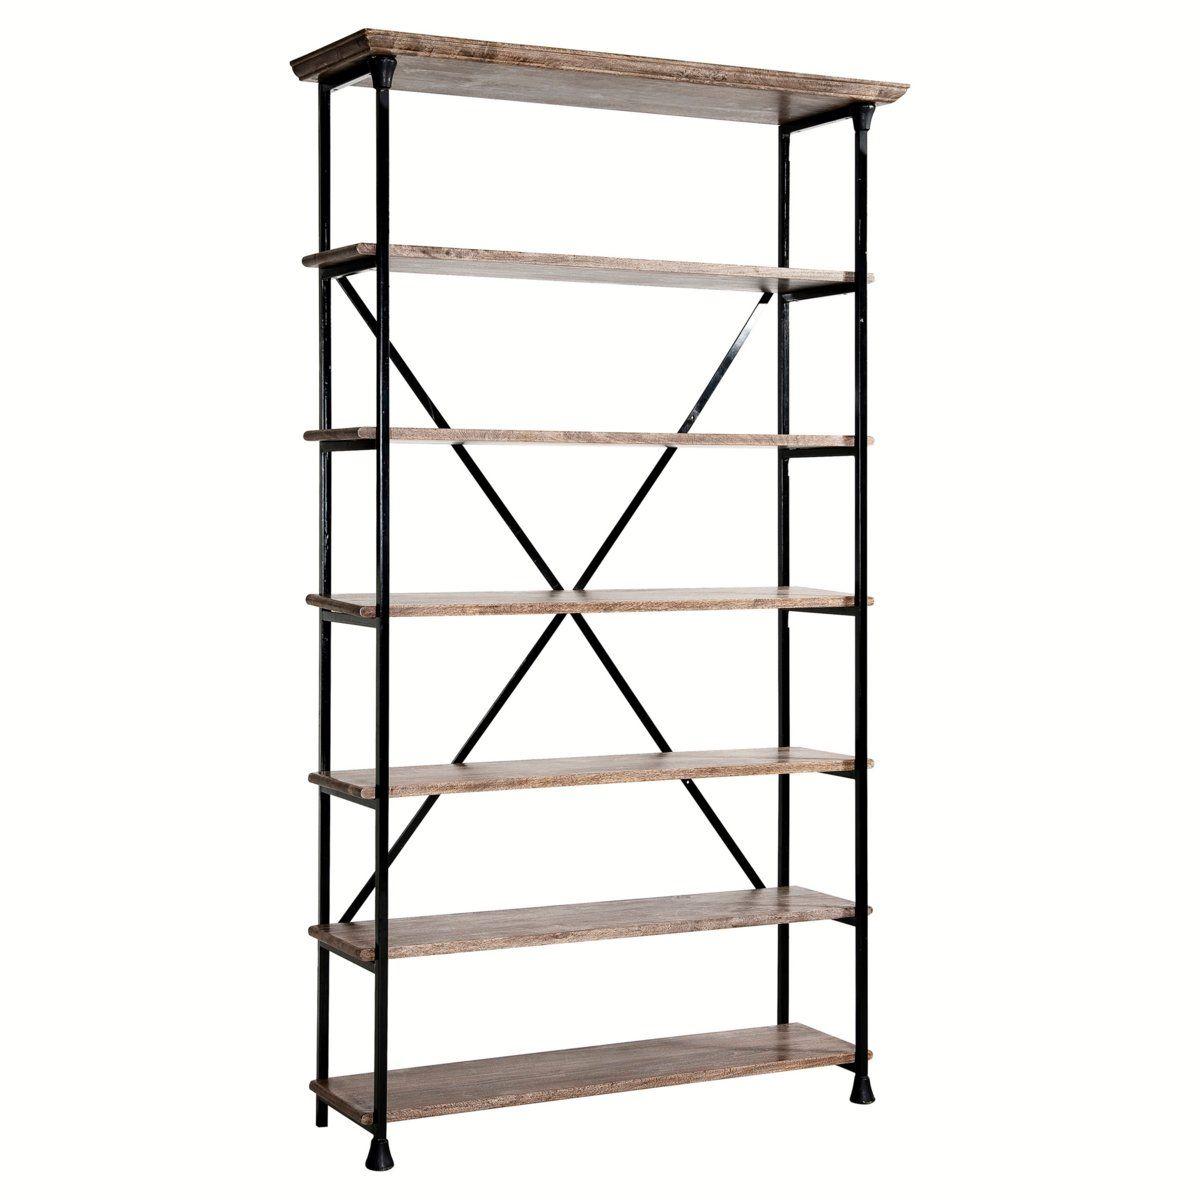 biblioth que am pm etag re bois et m tal koncept am pm. Black Bedroom Furniture Sets. Home Design Ideas